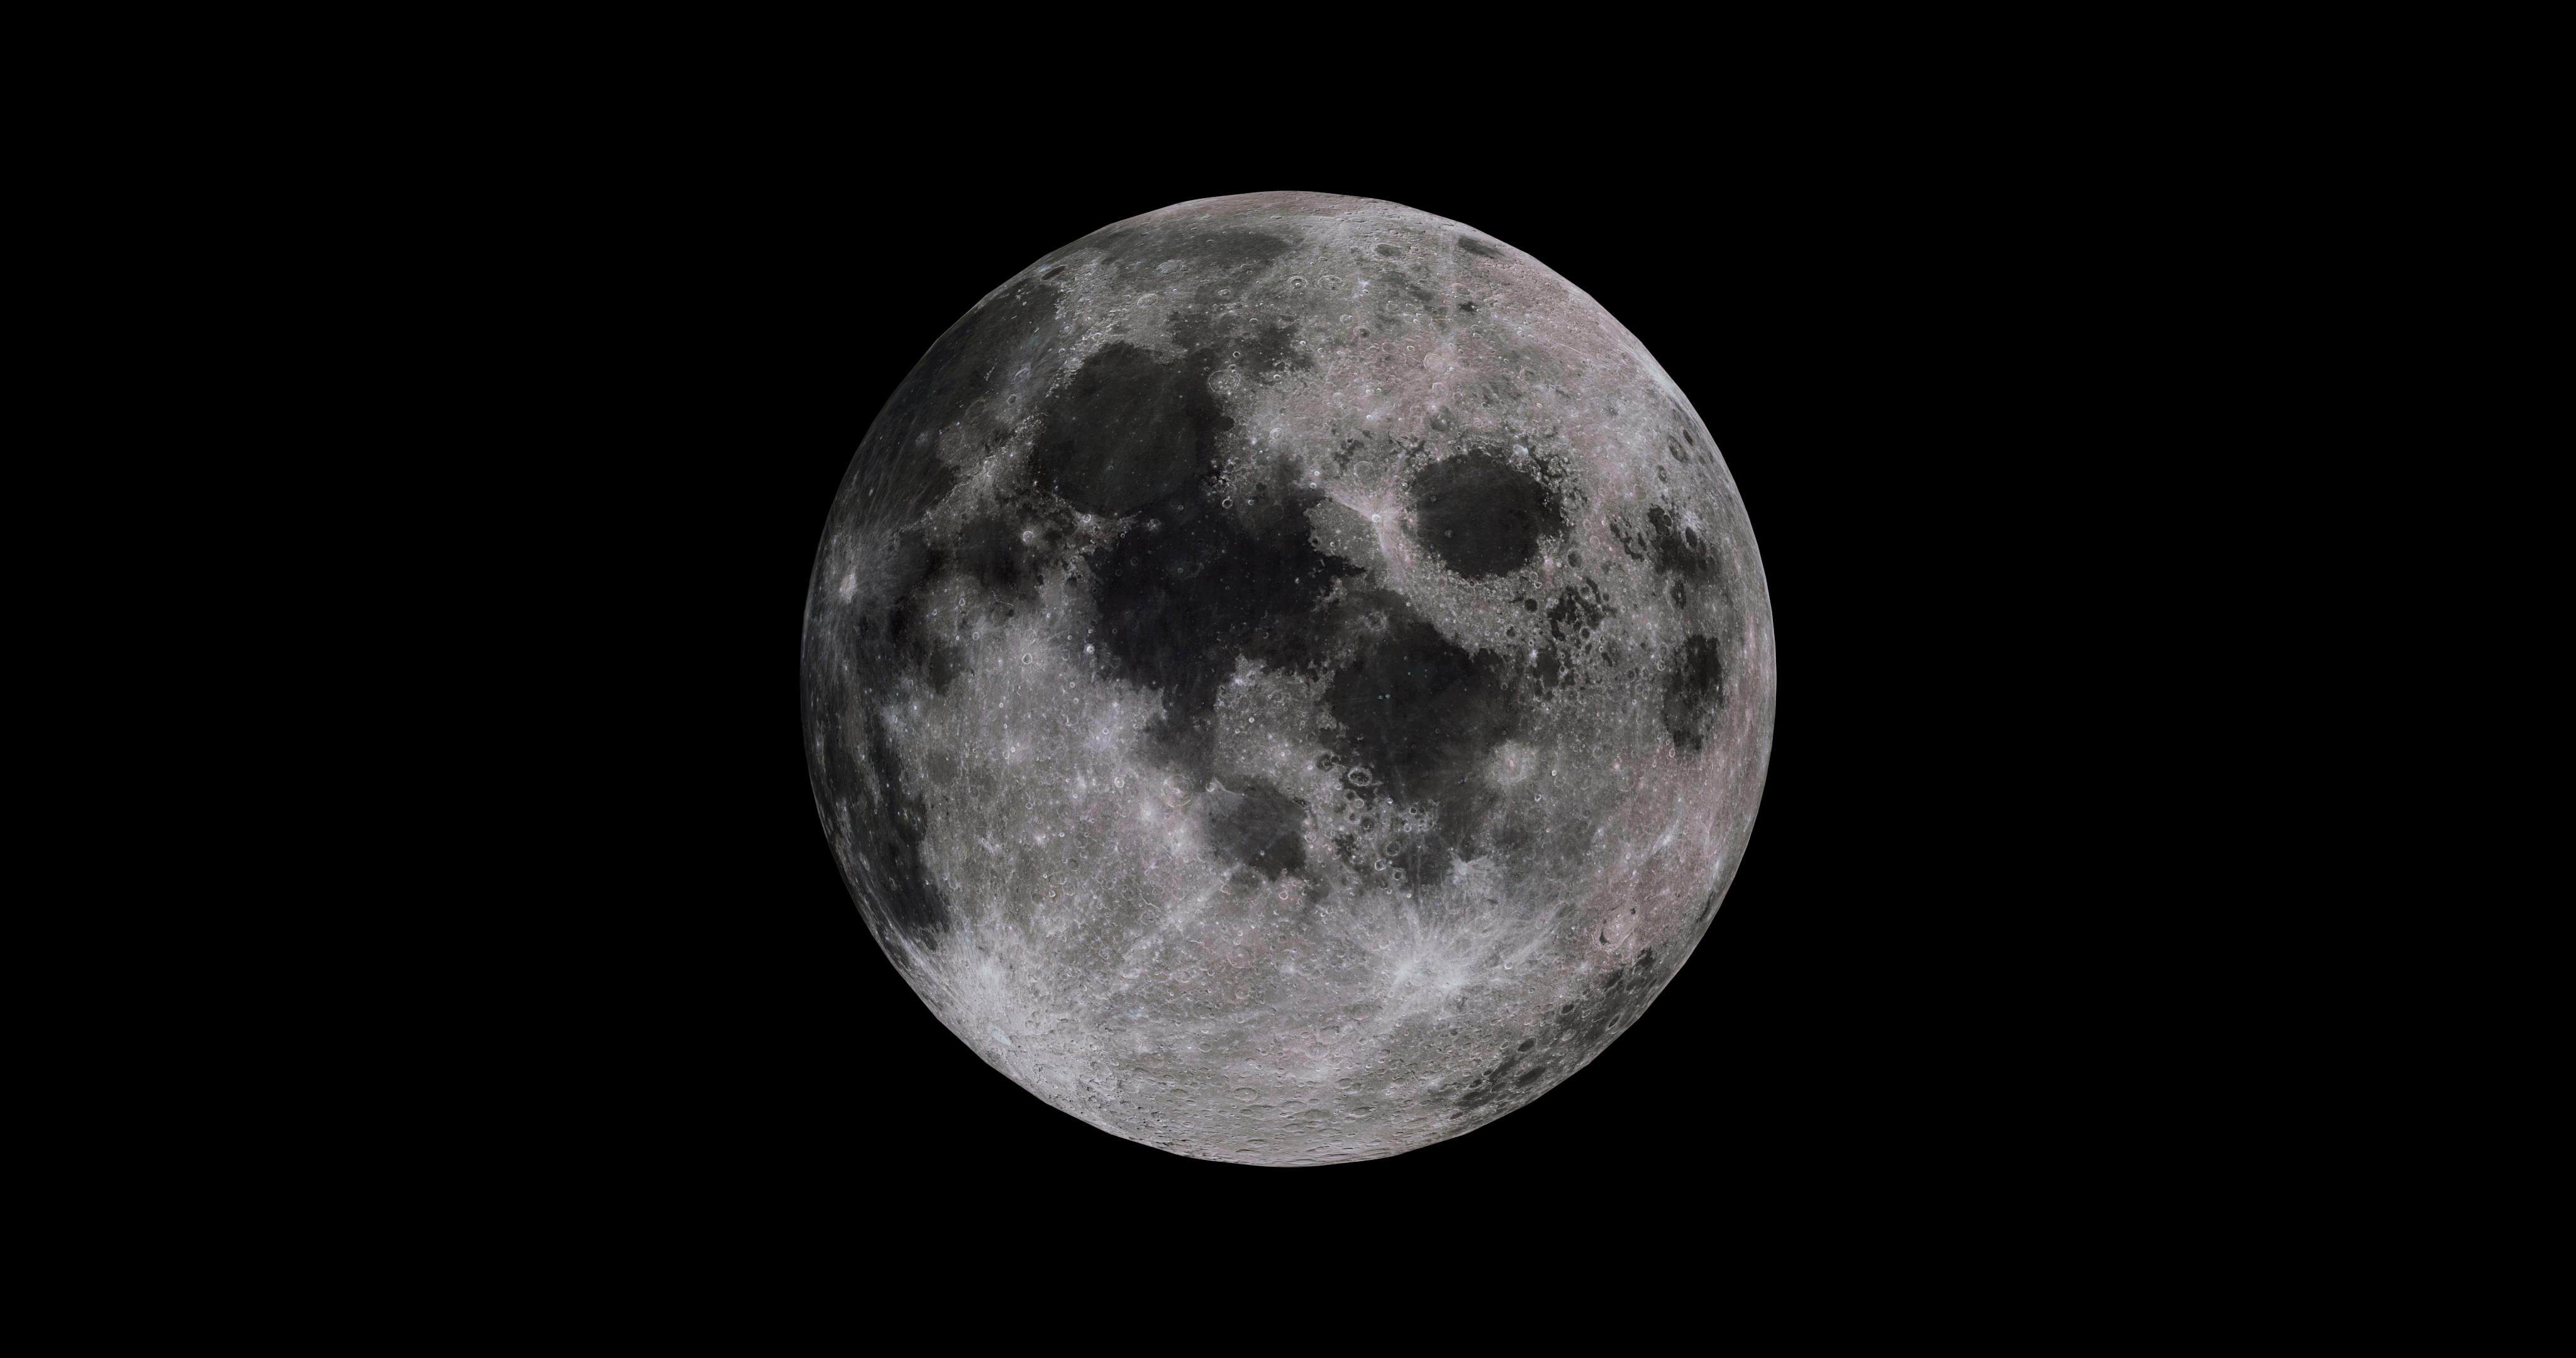 moon 8k 3d model 3ds fbx blend dae obj 210897